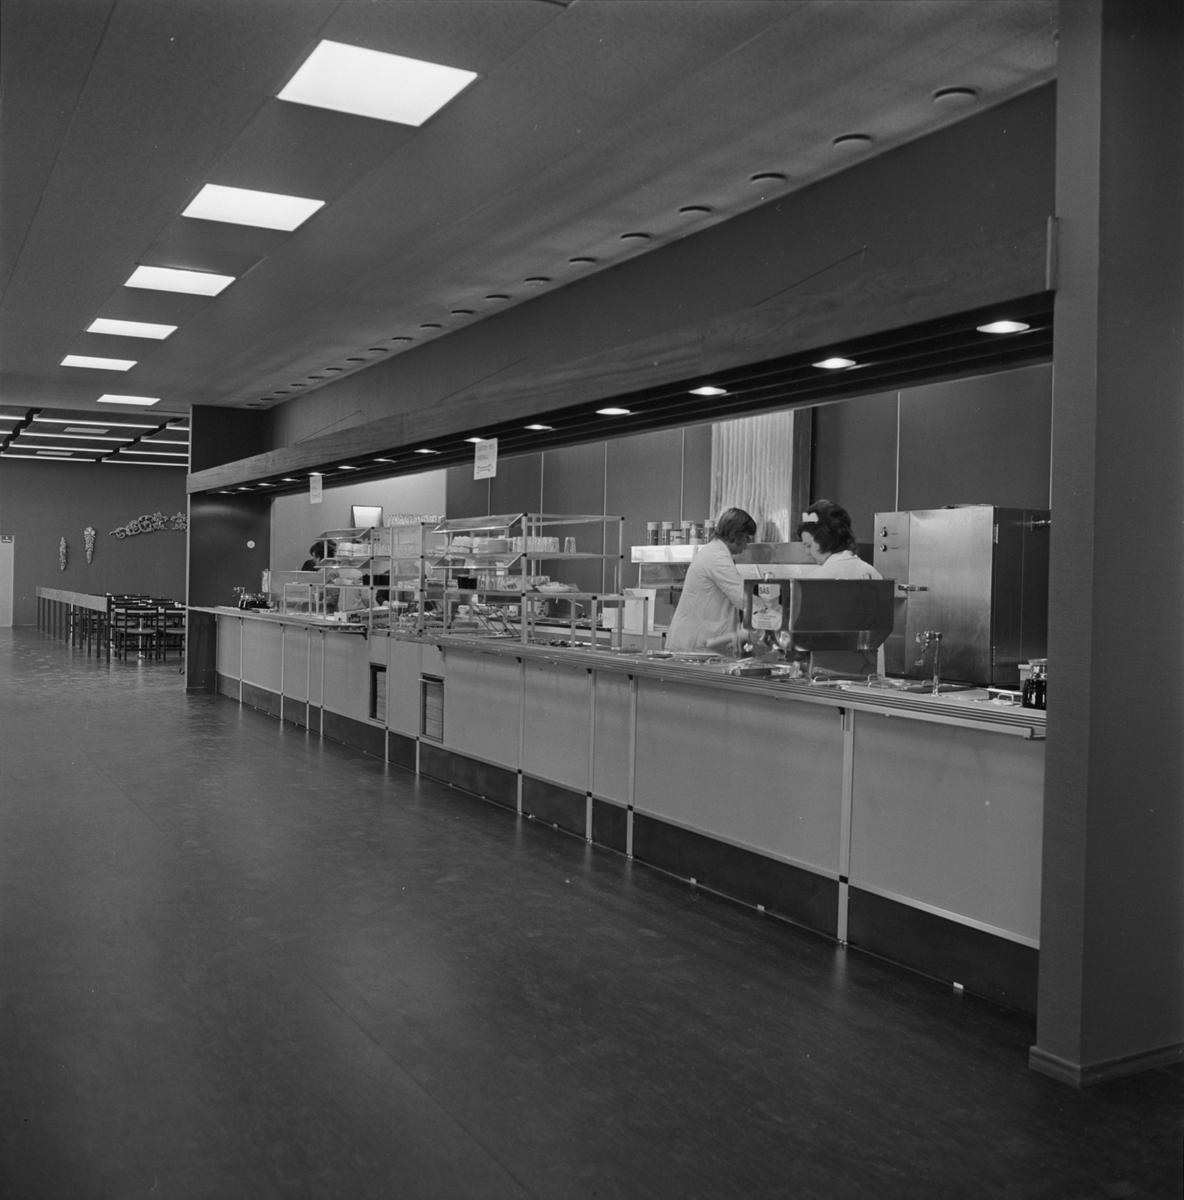 Int av nya matsalen